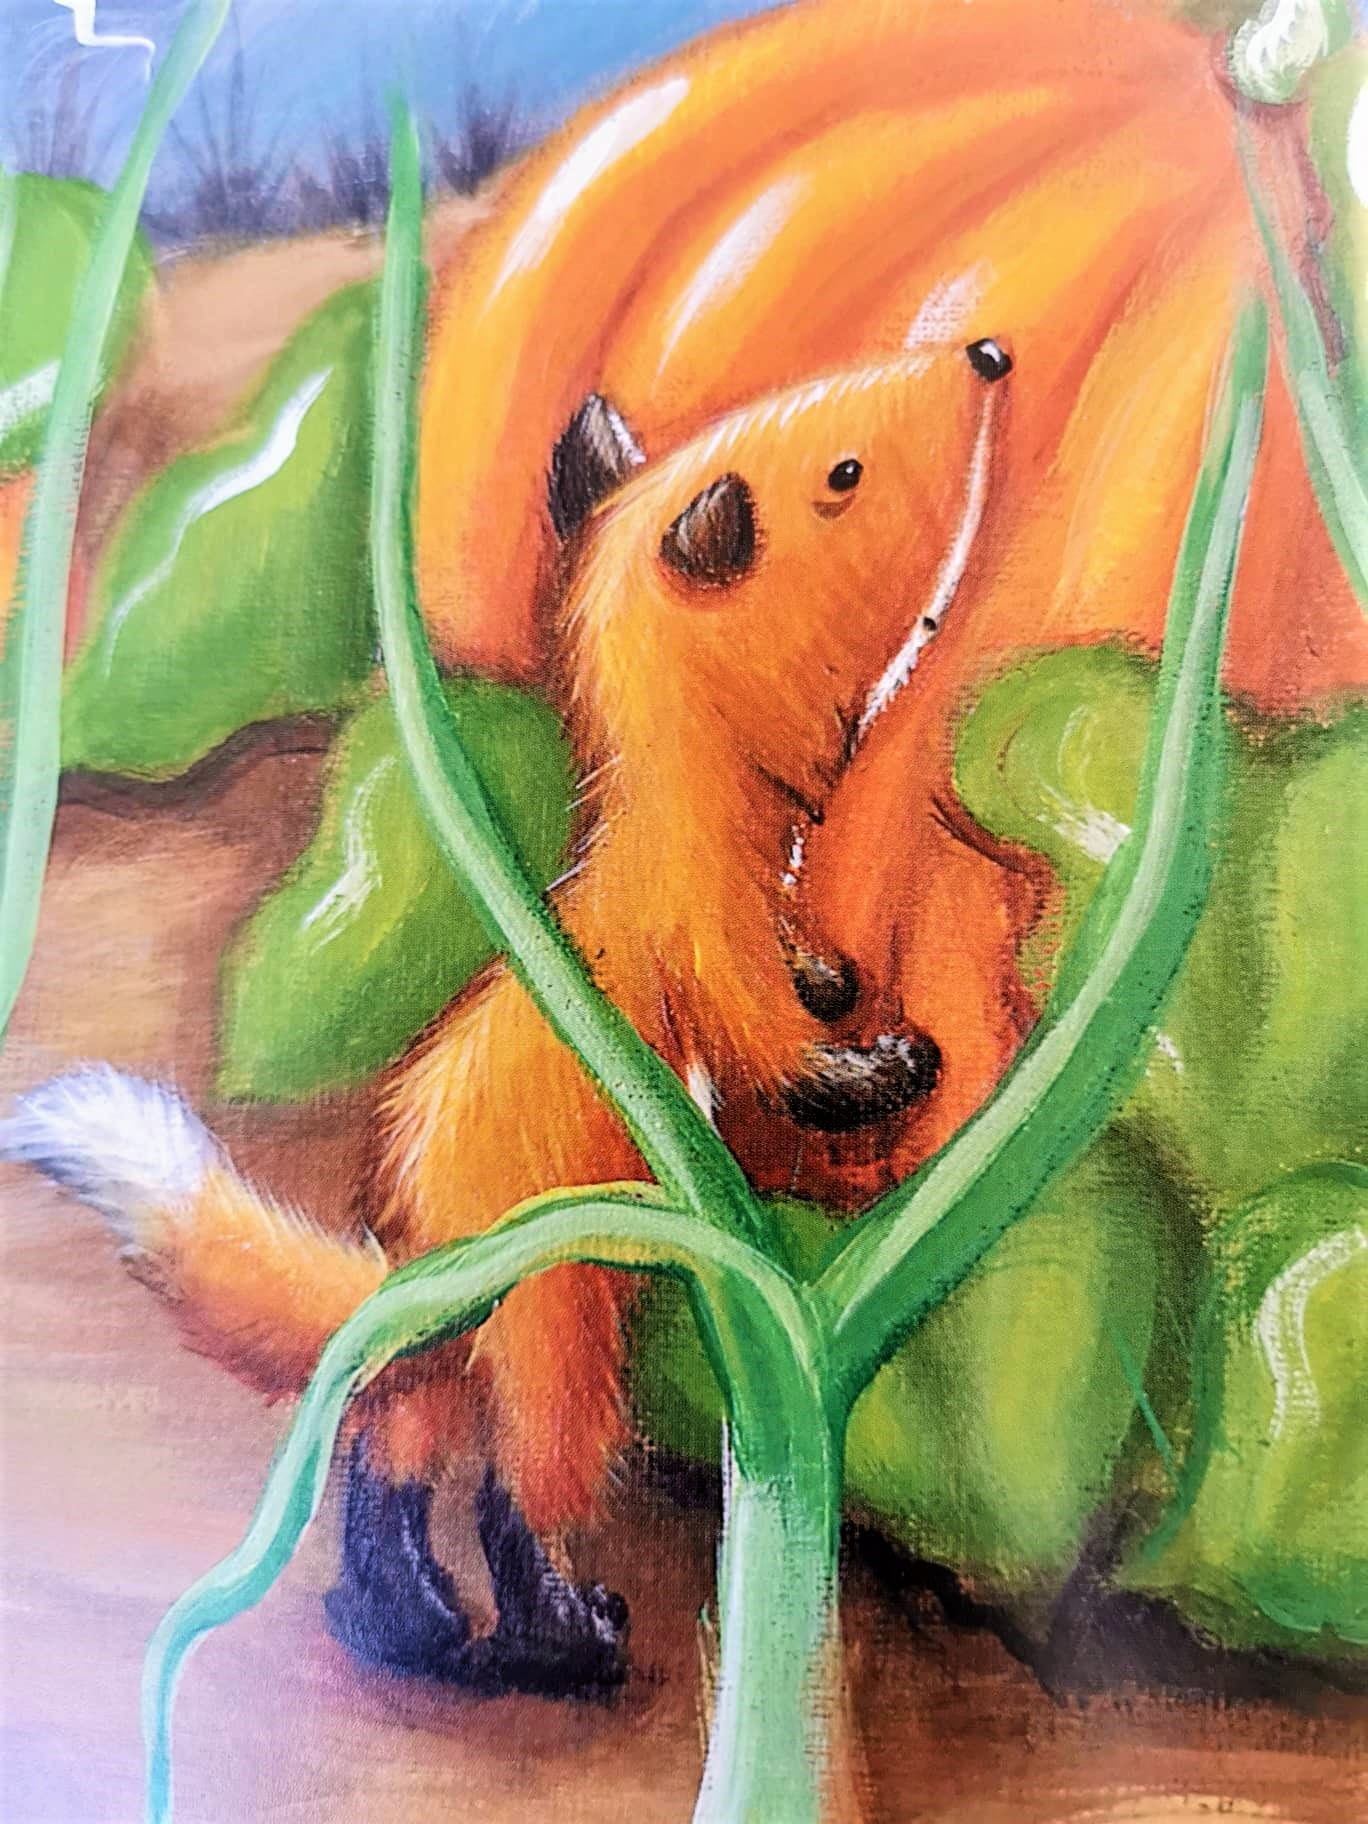 Der kleine Fuchs am Kürbis